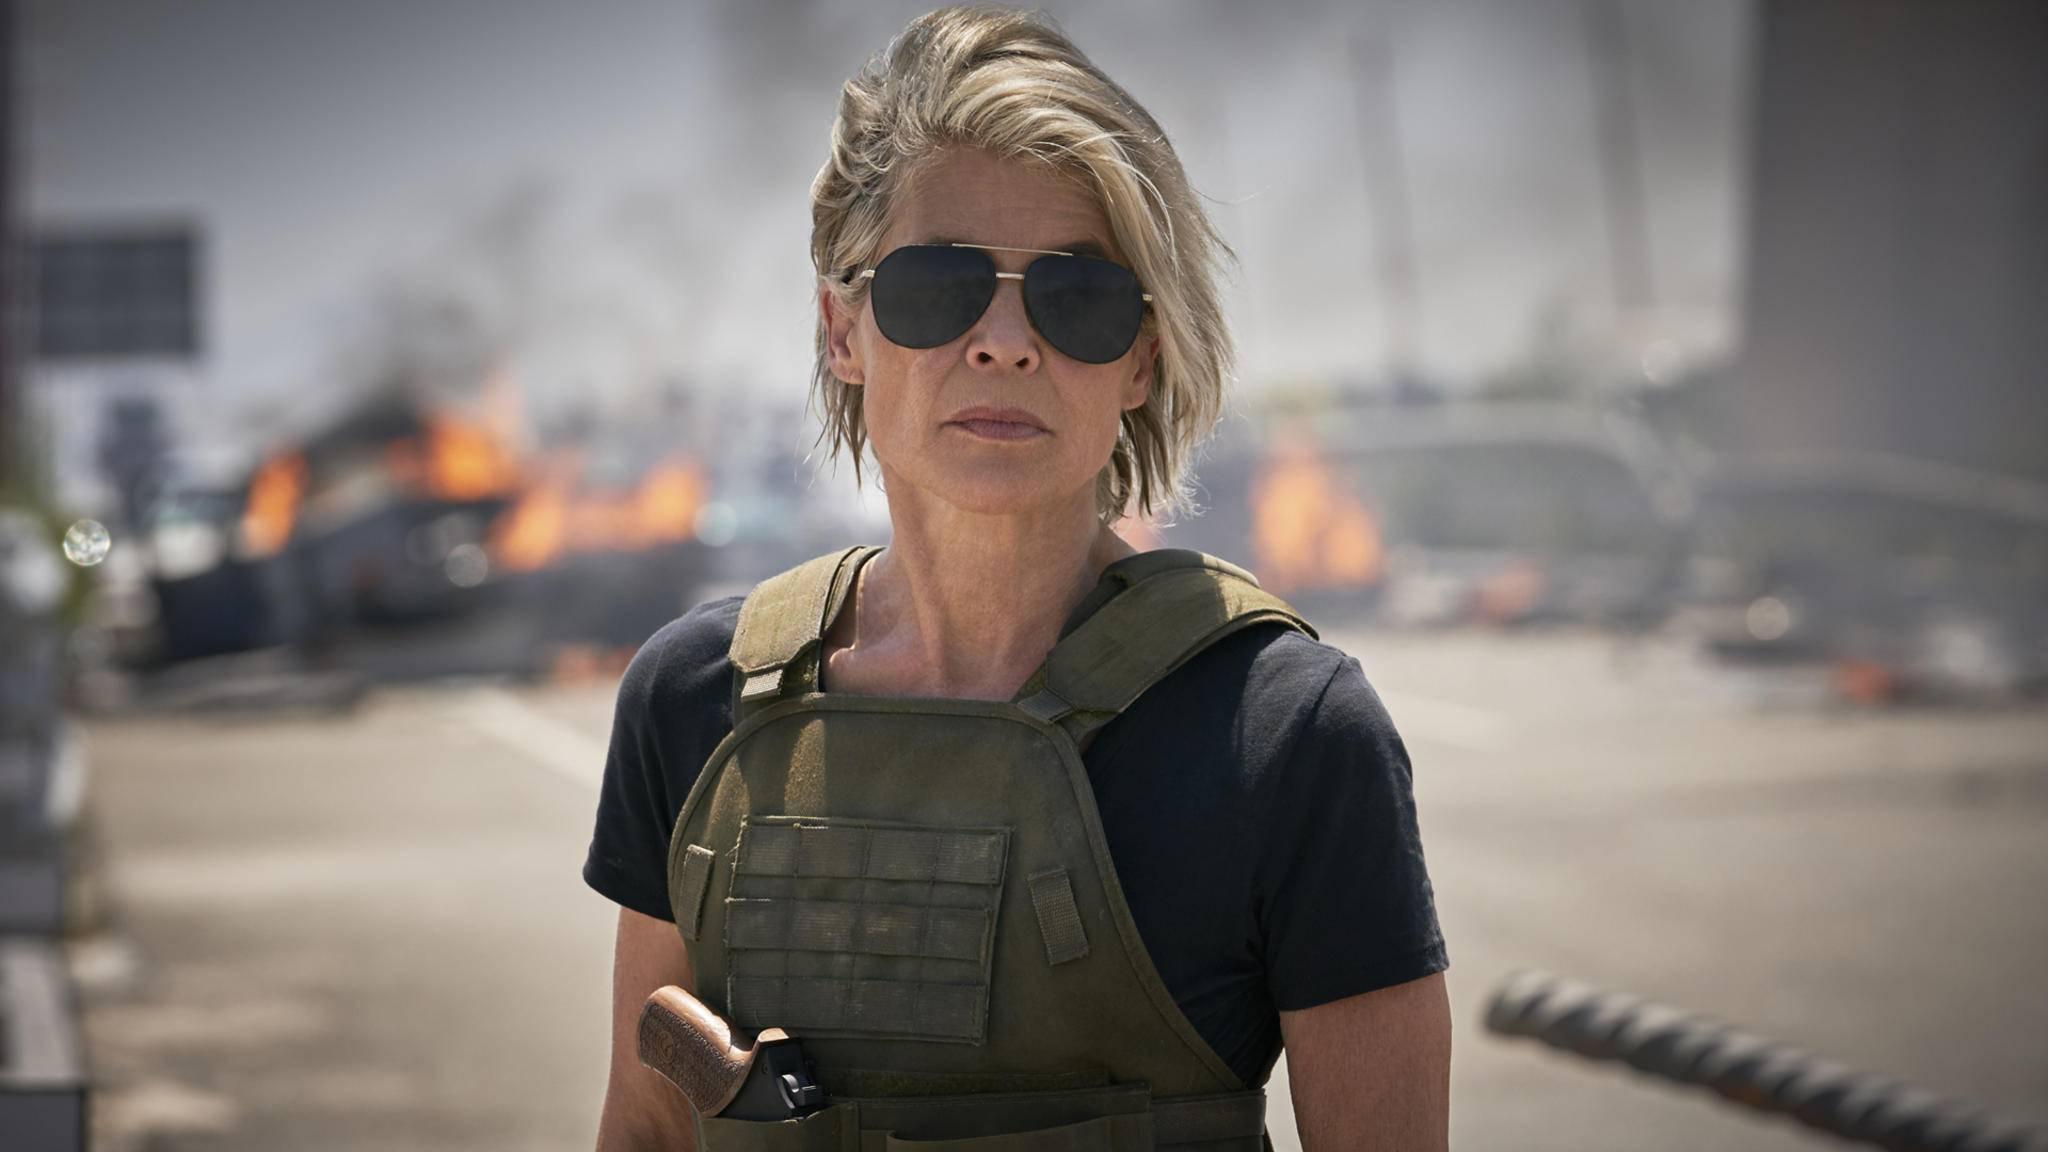 Du denkst, 2020 hat es in sich? Dann sieh Dir mal an, was Hollywood sich so für dieses Jahr hat einfallen lassen!